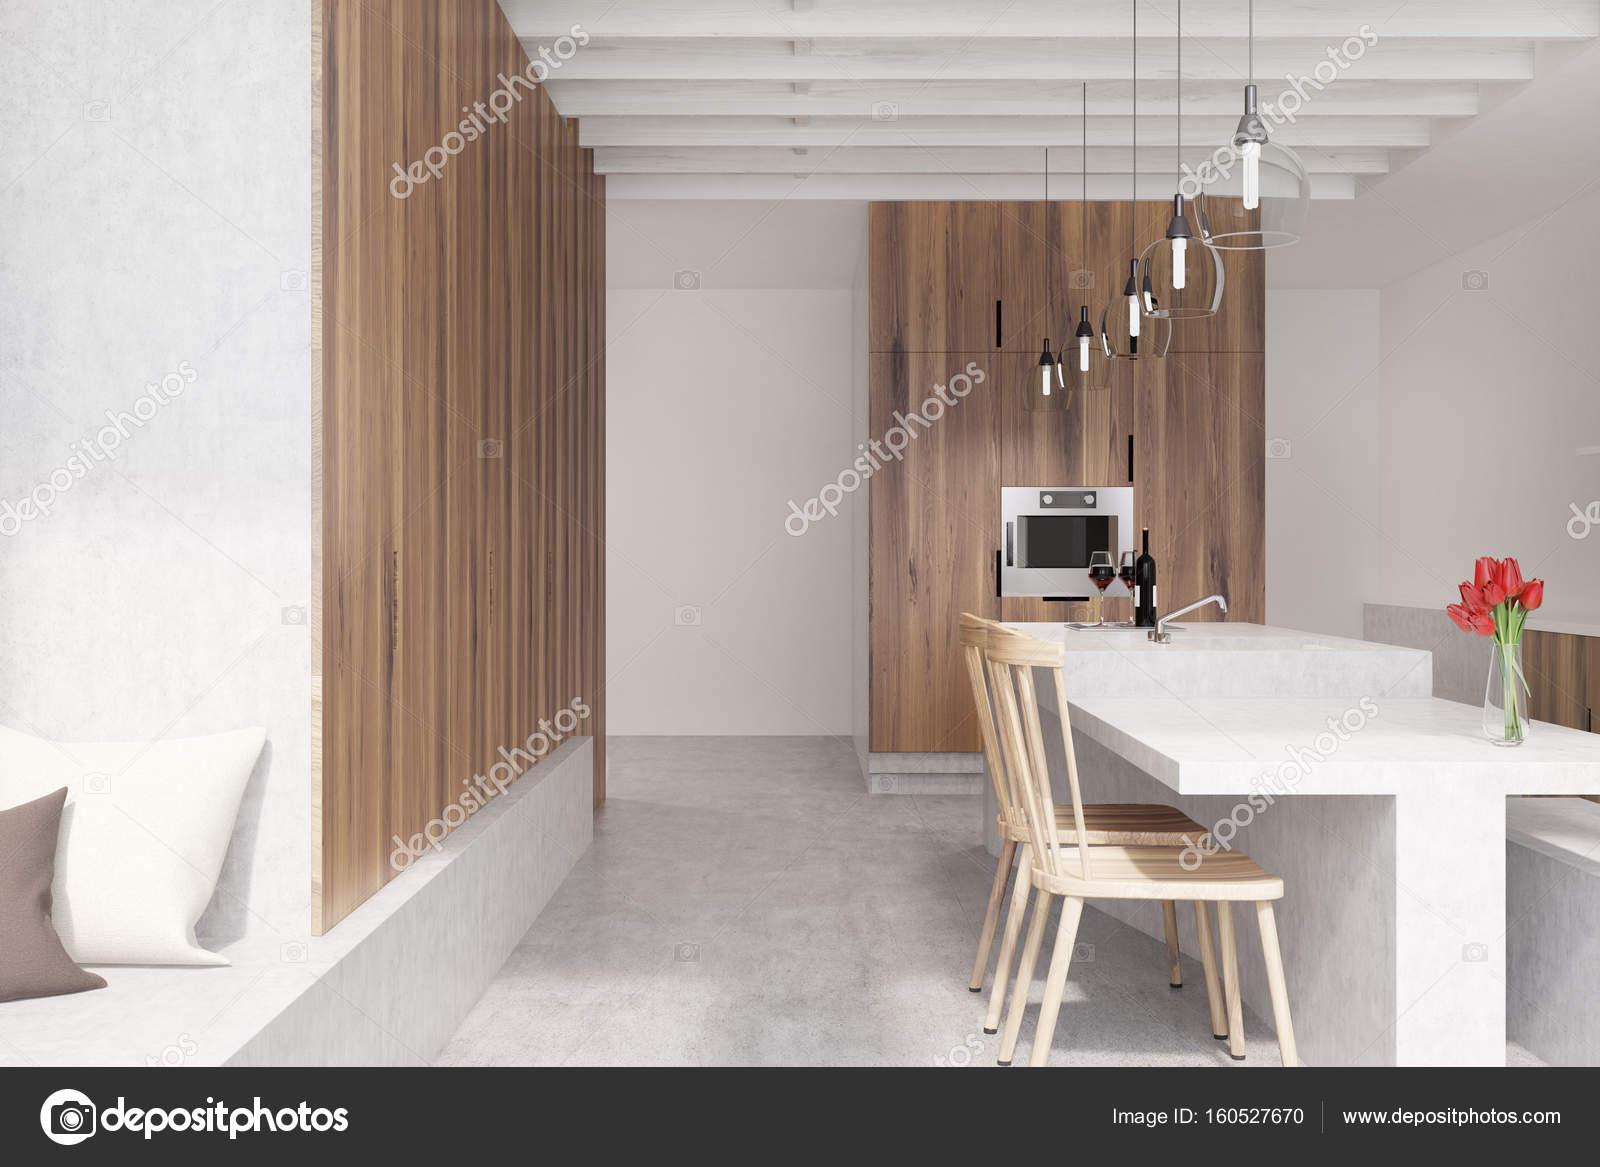 Marmer bar oven witte keuken kant u stockfoto denisismagilov